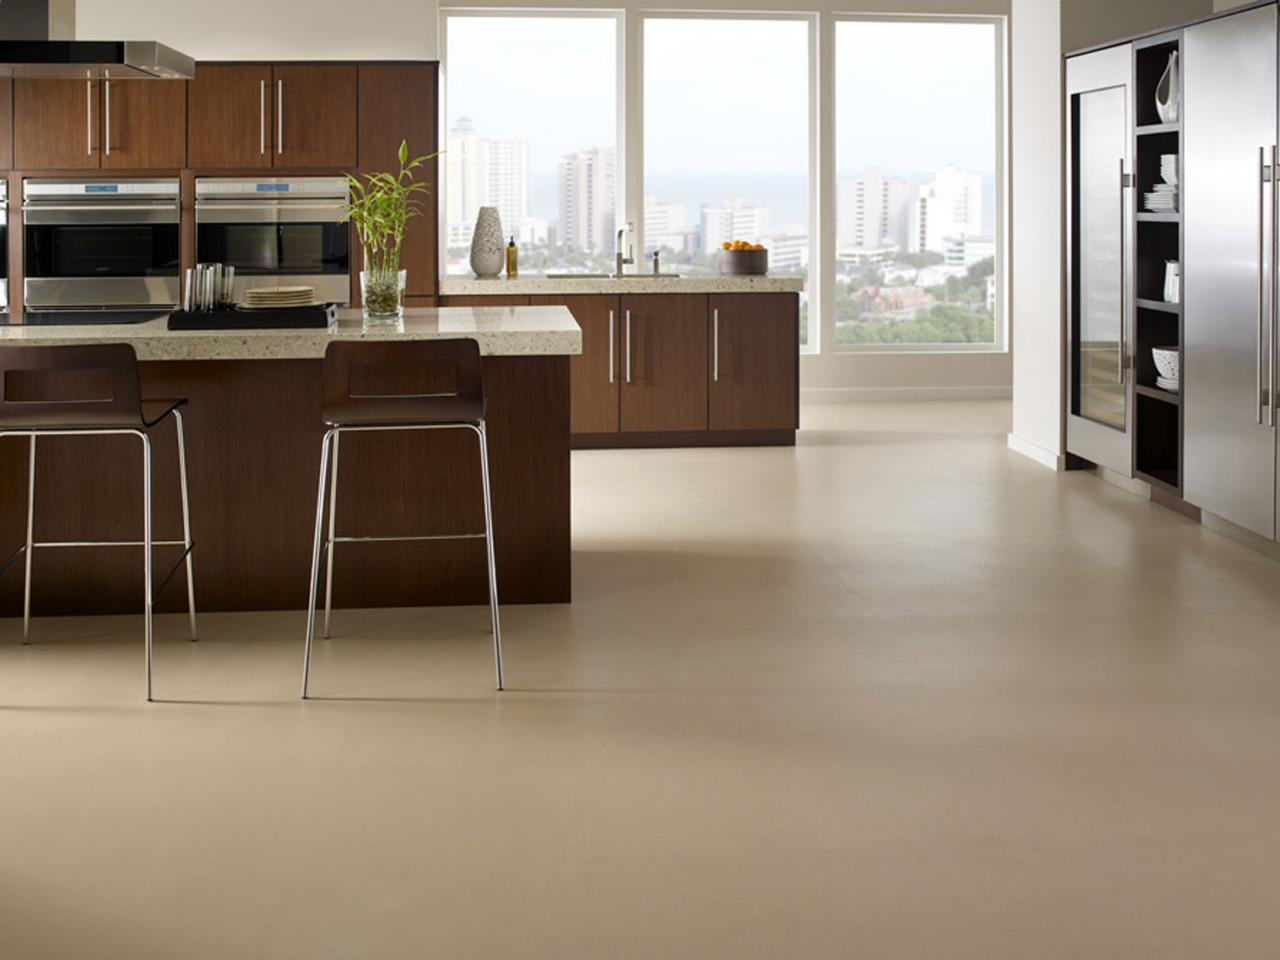 kitchen flooring materials alternative kitchen floor ideas RDMERQC